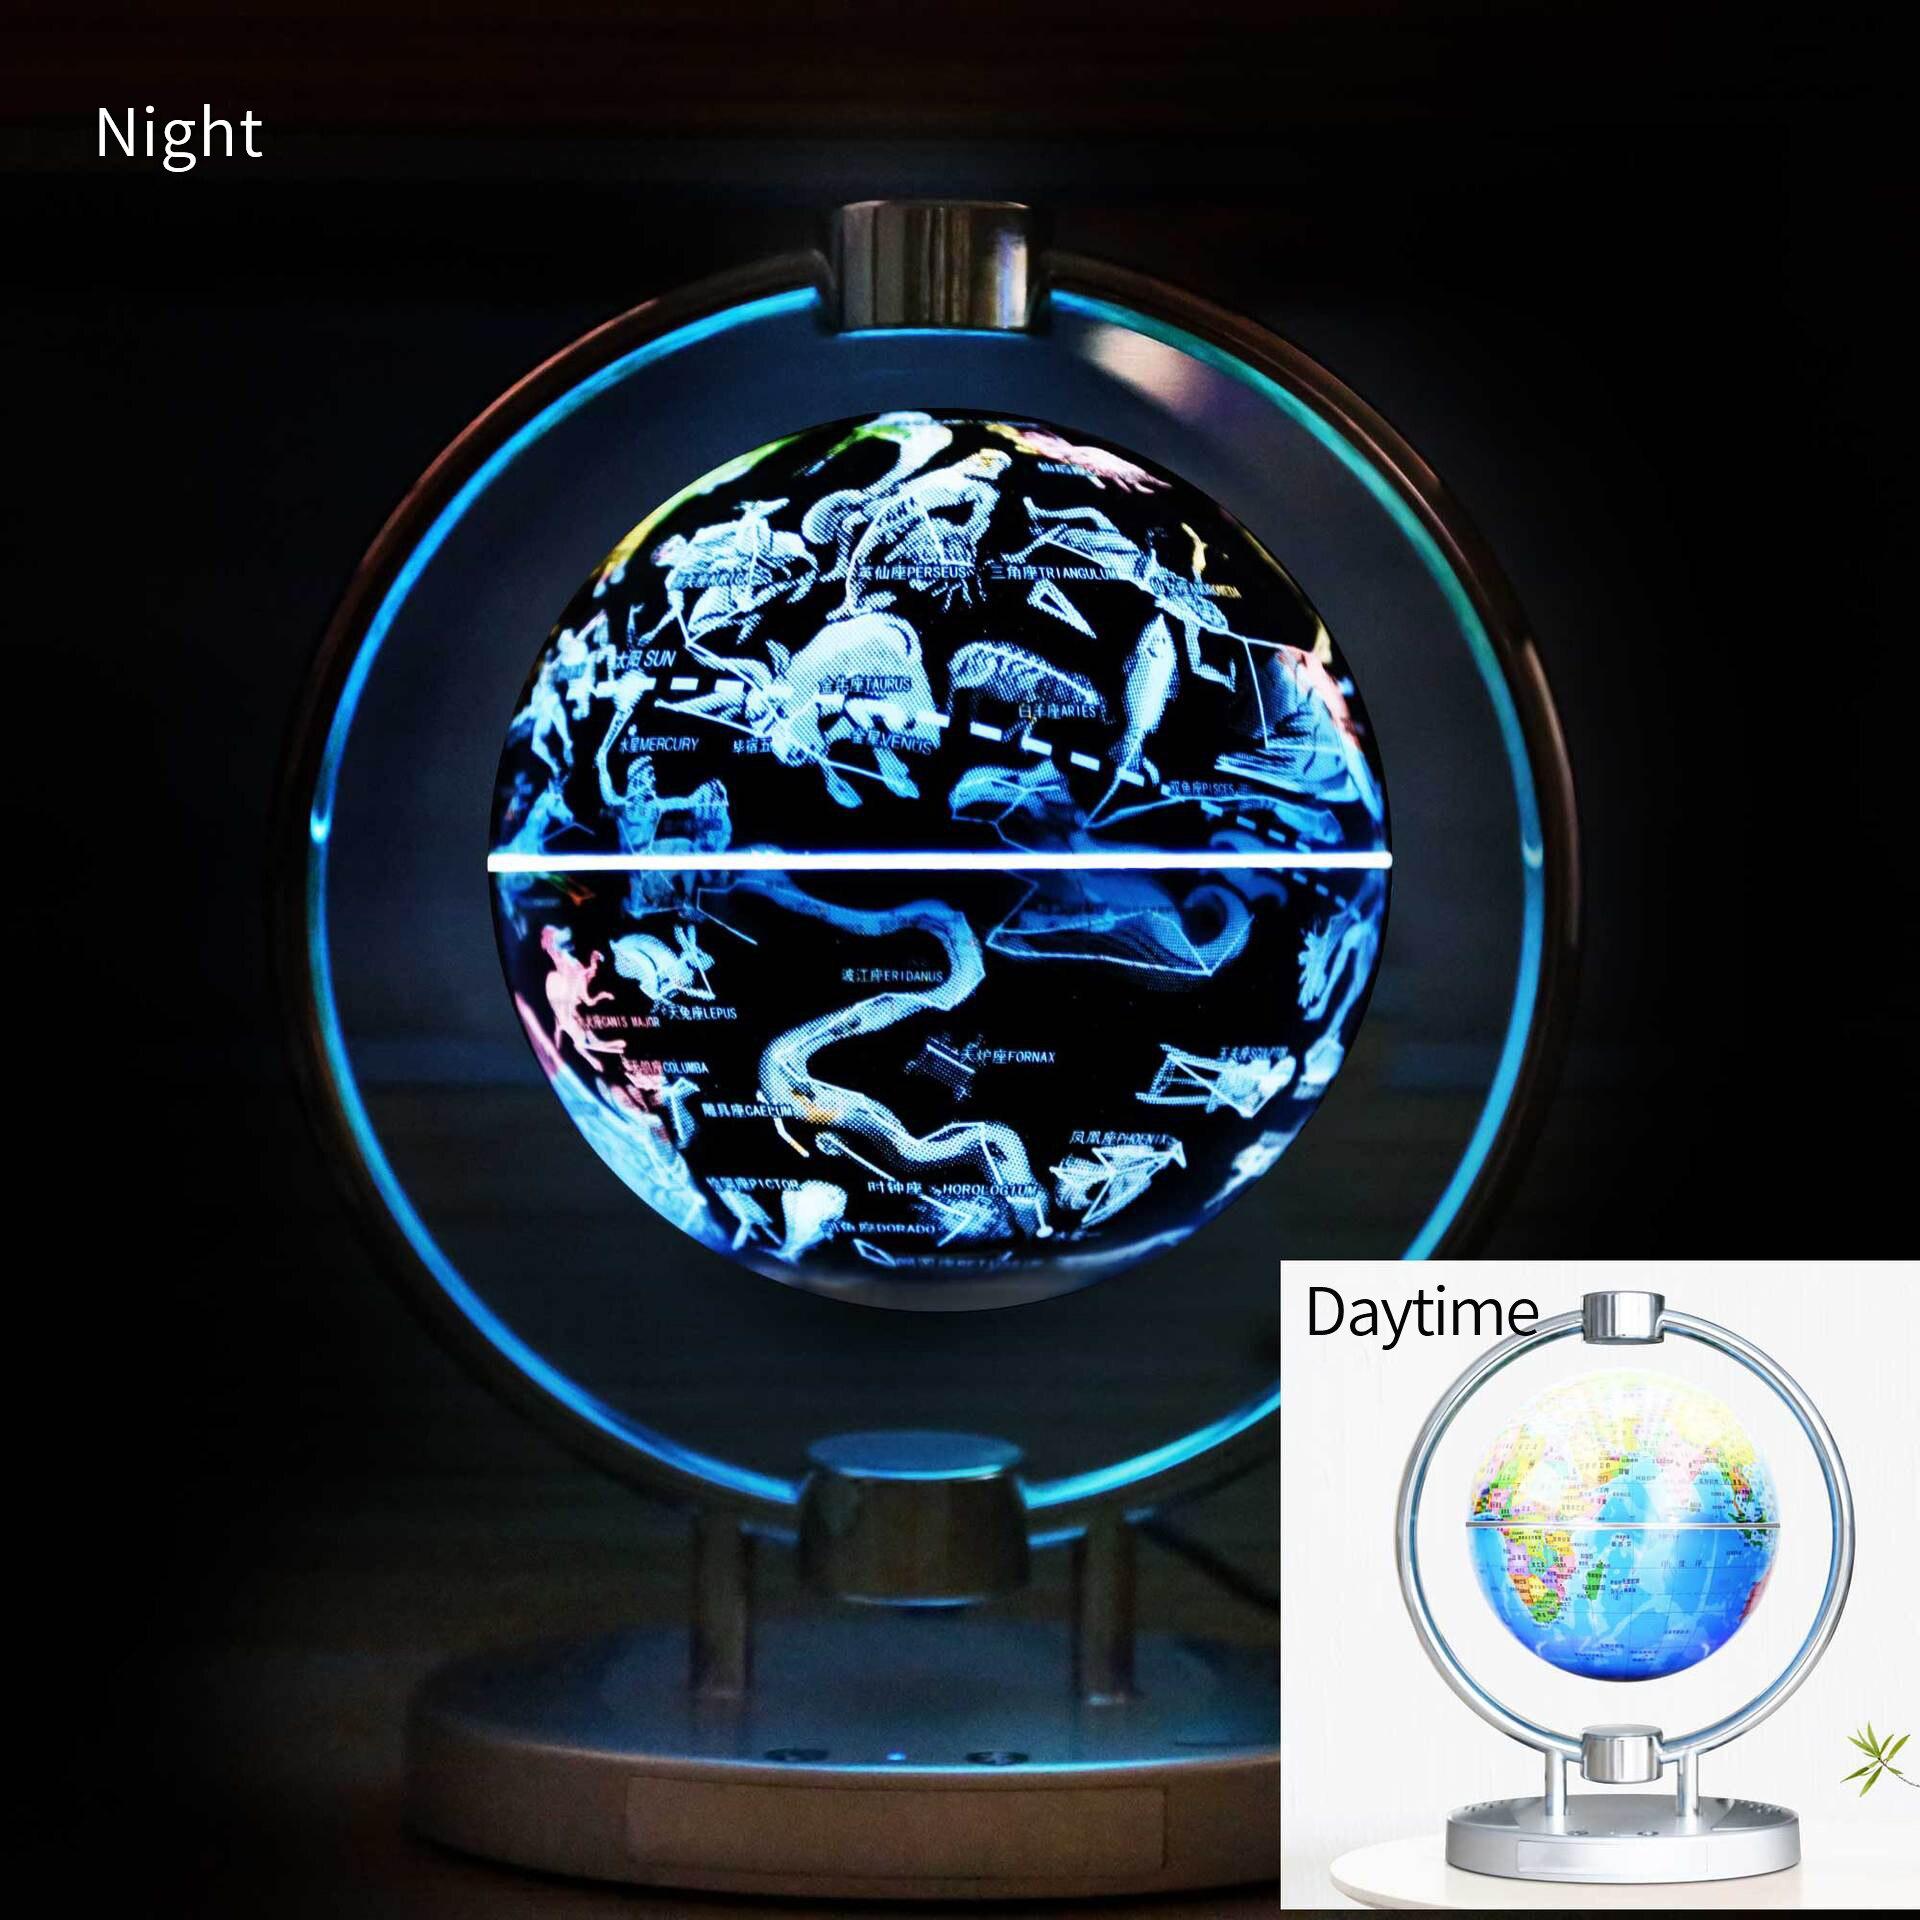 Магнитный левитационный Плавающий глобус, 6 антигравитационная карта мира Созвездие спиннинг шар с сенсорным управлением светодиодный светильник, креативный - 5